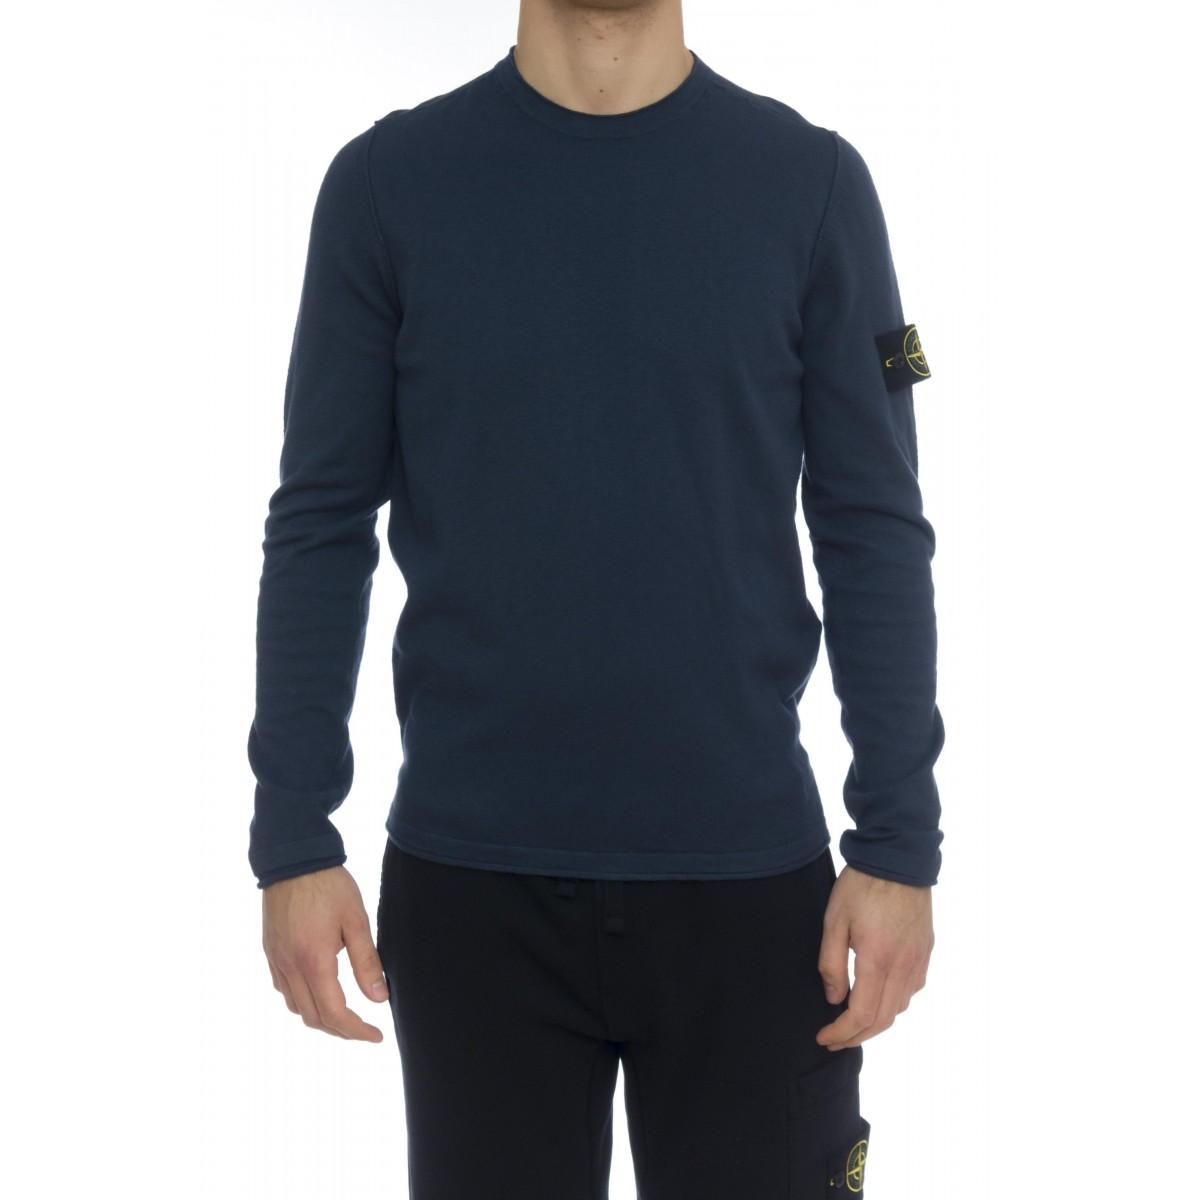 Maglieria - 502b0 maglia cotone nylon rasato